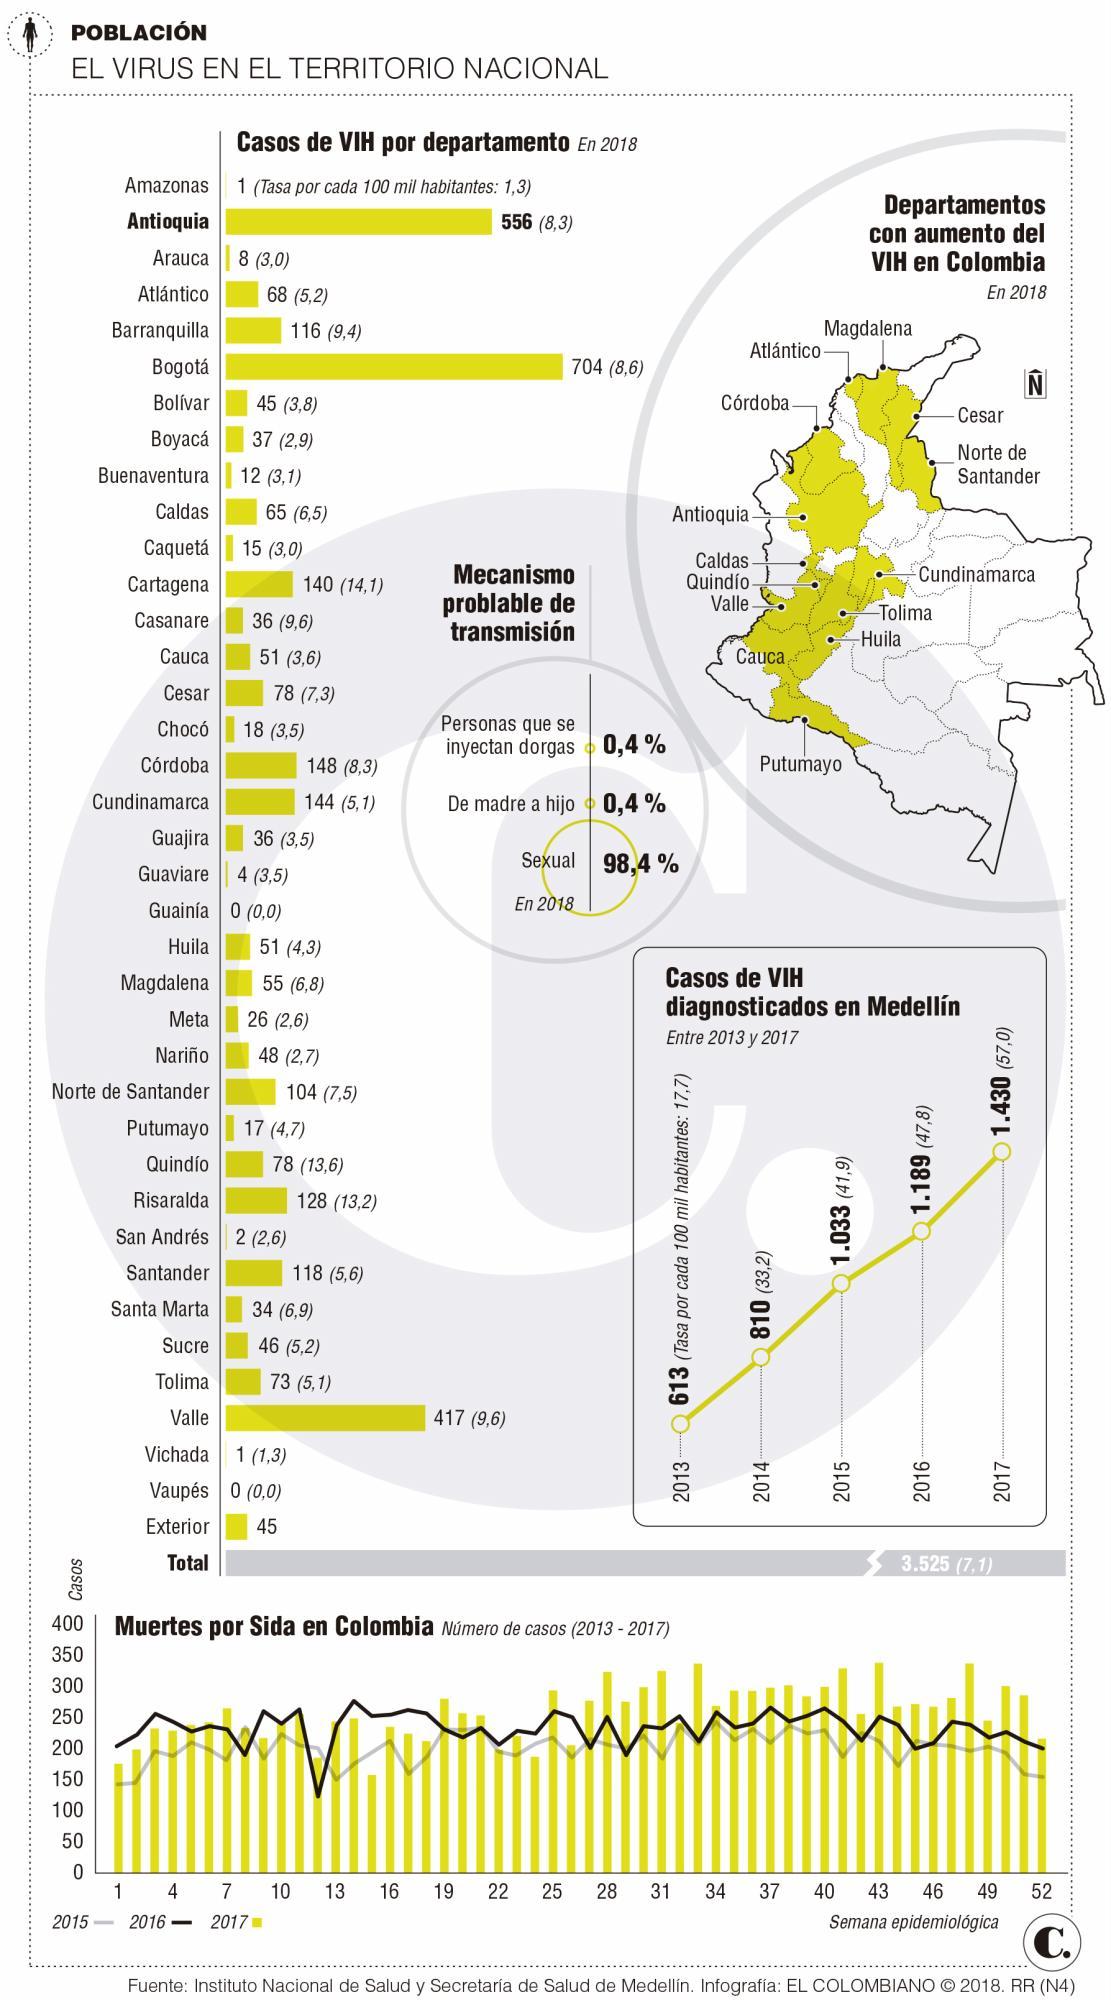 Casos de VIH siguen aumentando en Antioquia